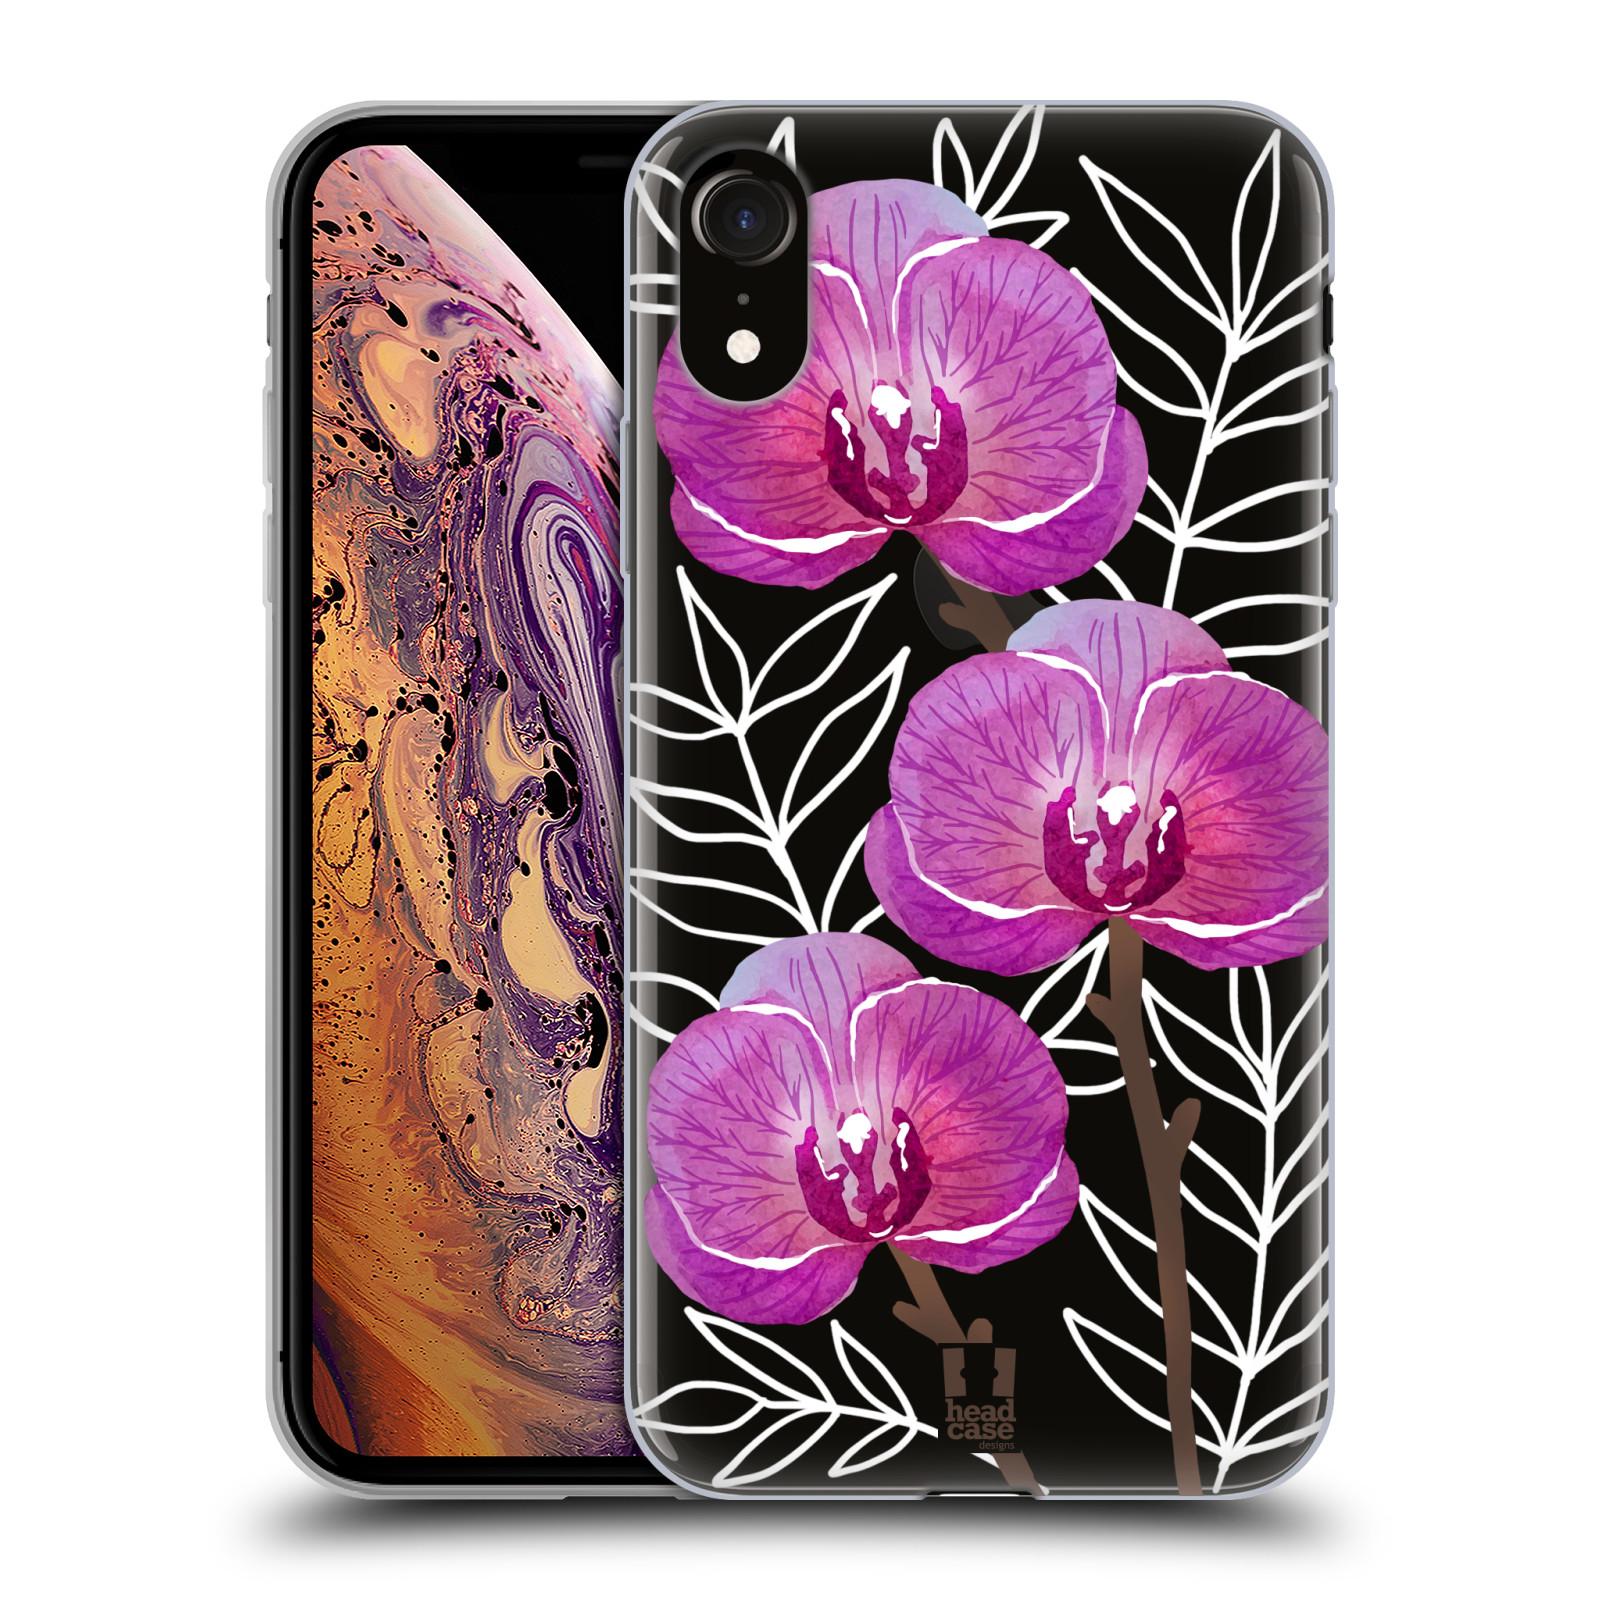 Silikonové pouzdro na mobil Apple iPhone XR - Head Case - Hezoučké kvítky - průhledné